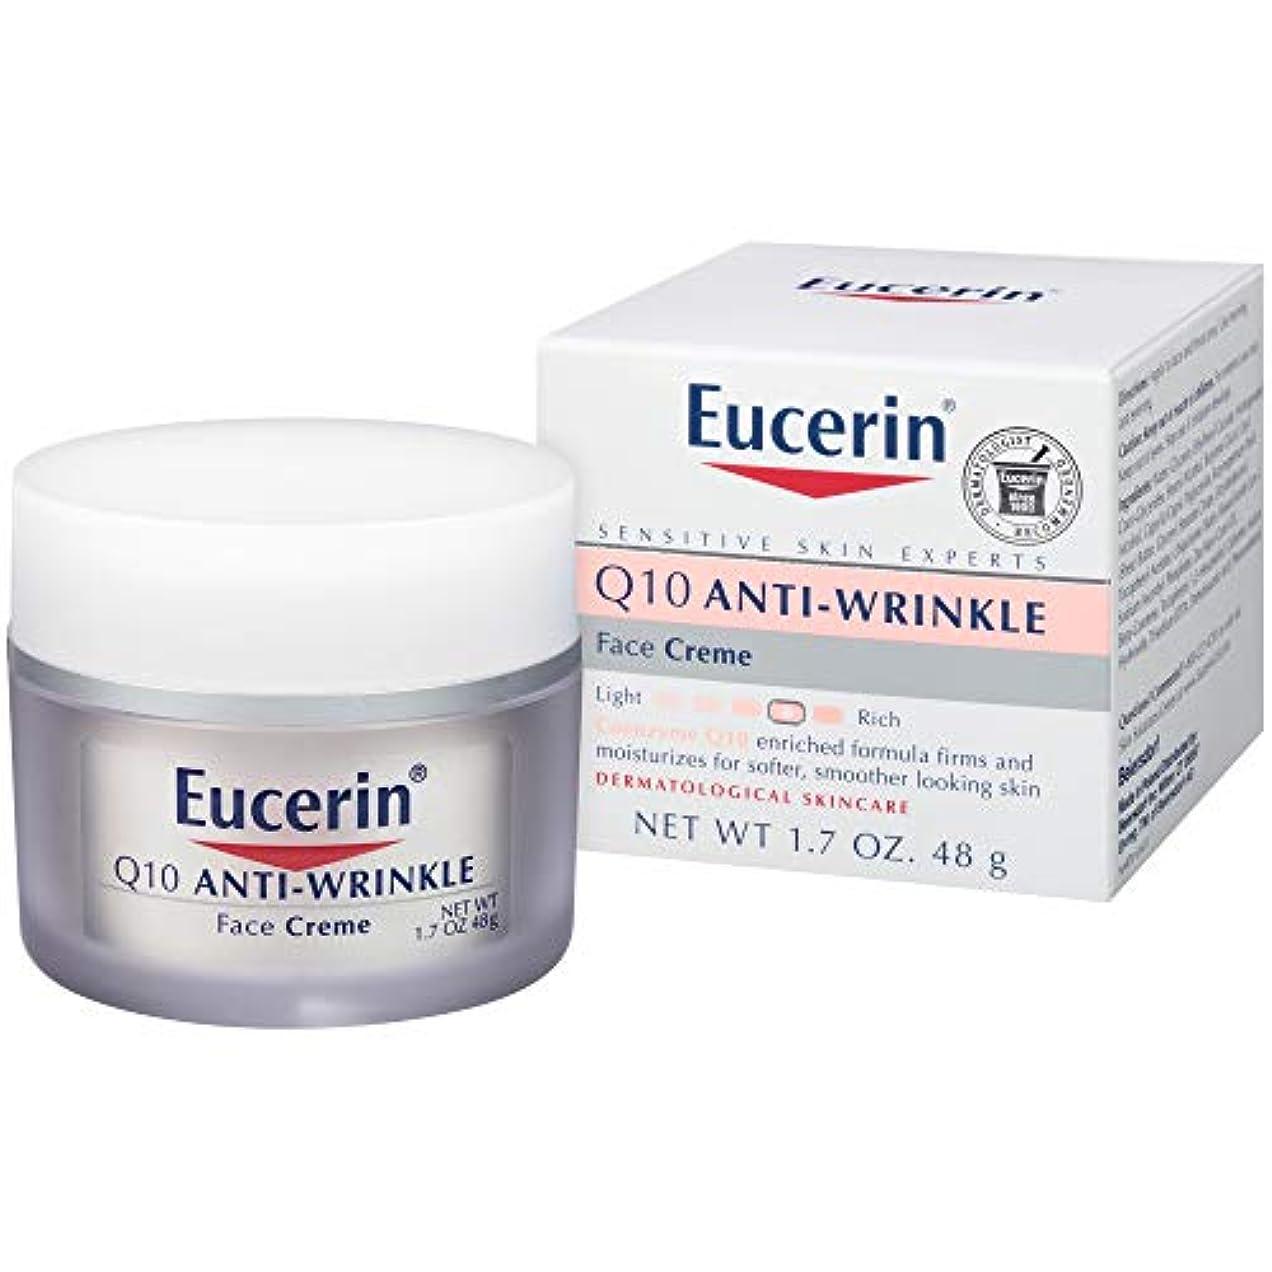 言う木製無実Eucerin Sensitive Facial Skin Q10 Anti-Wrinkle Sensitive Skin Creme 48g (並行輸入品)